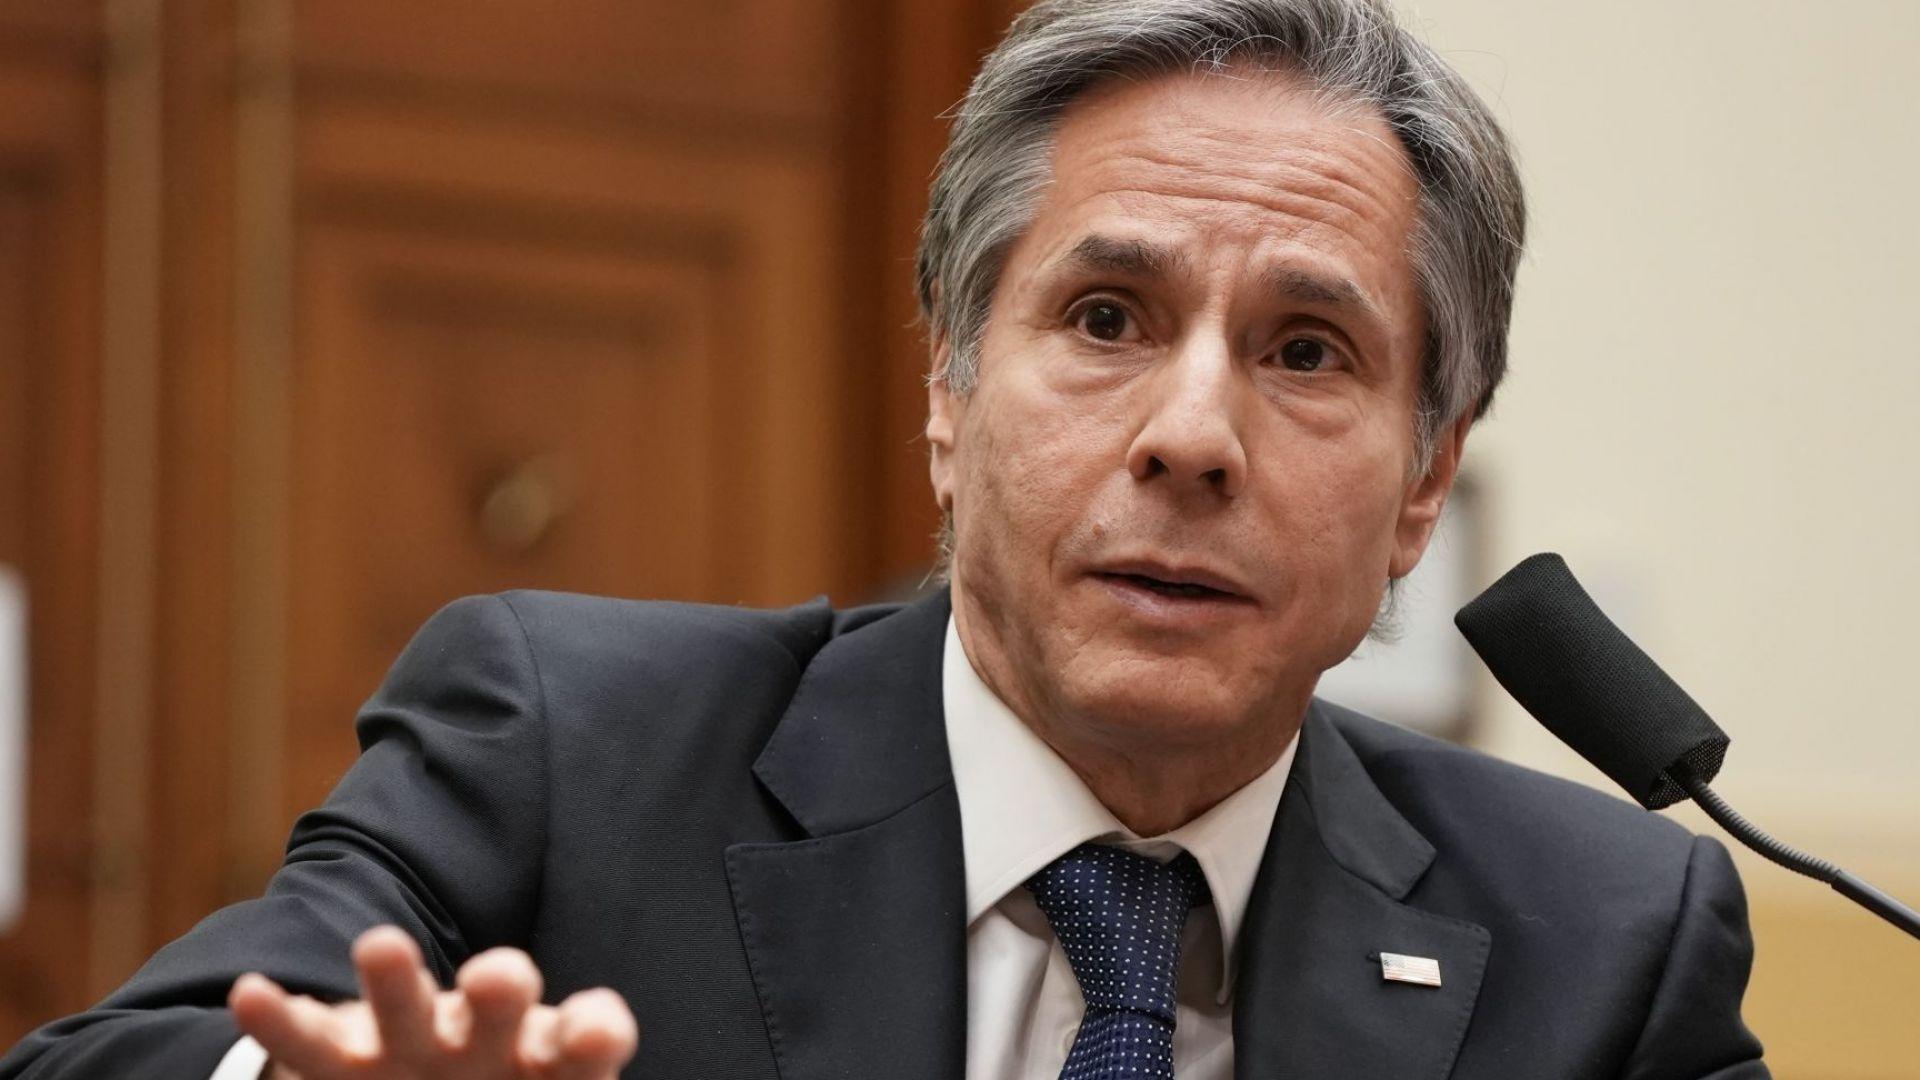 Държавният секретар на САЩ се обади на Радев за санкциите и Северна Македония